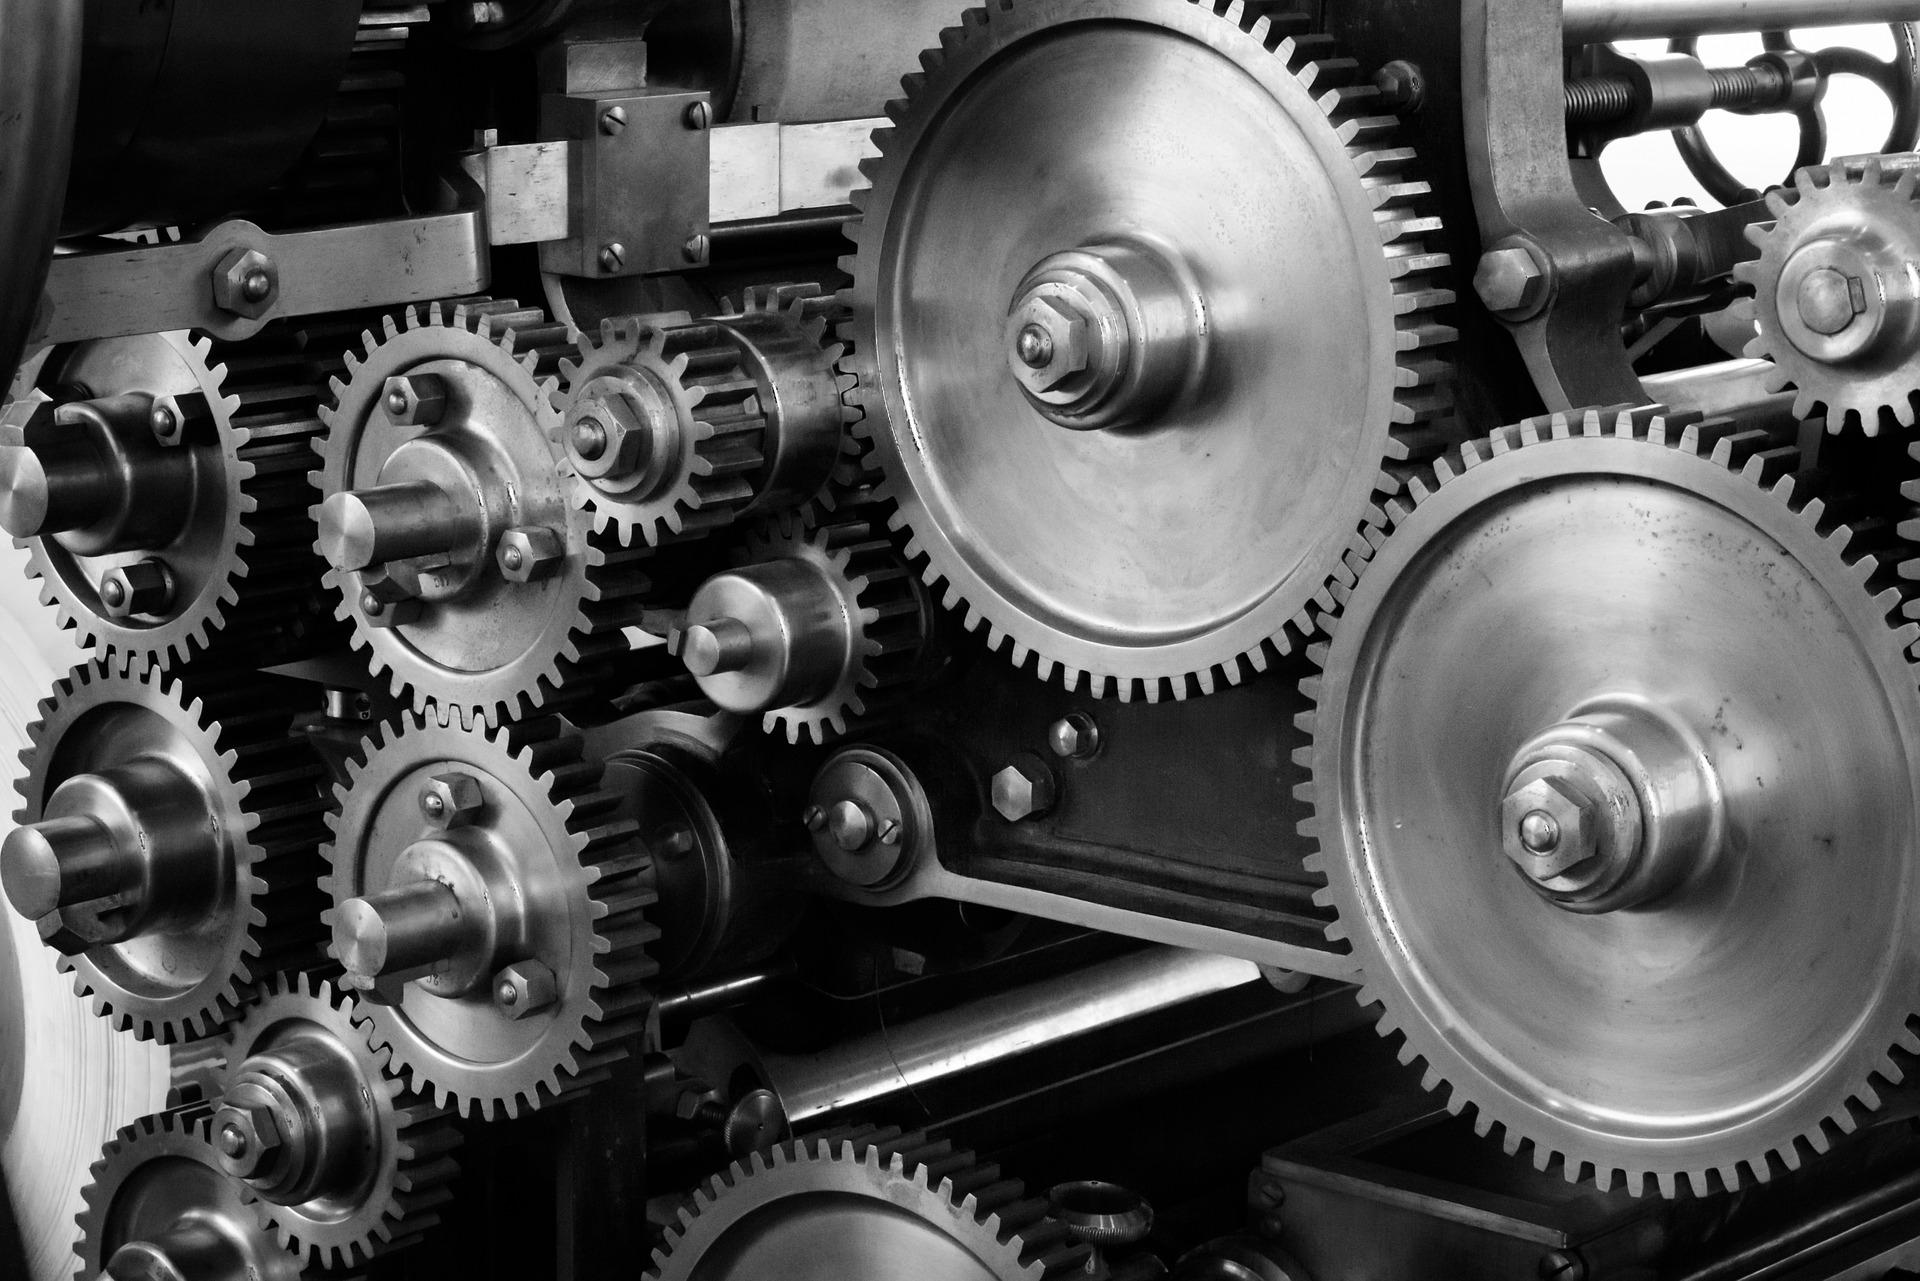 gears-1236578_1920.jpg